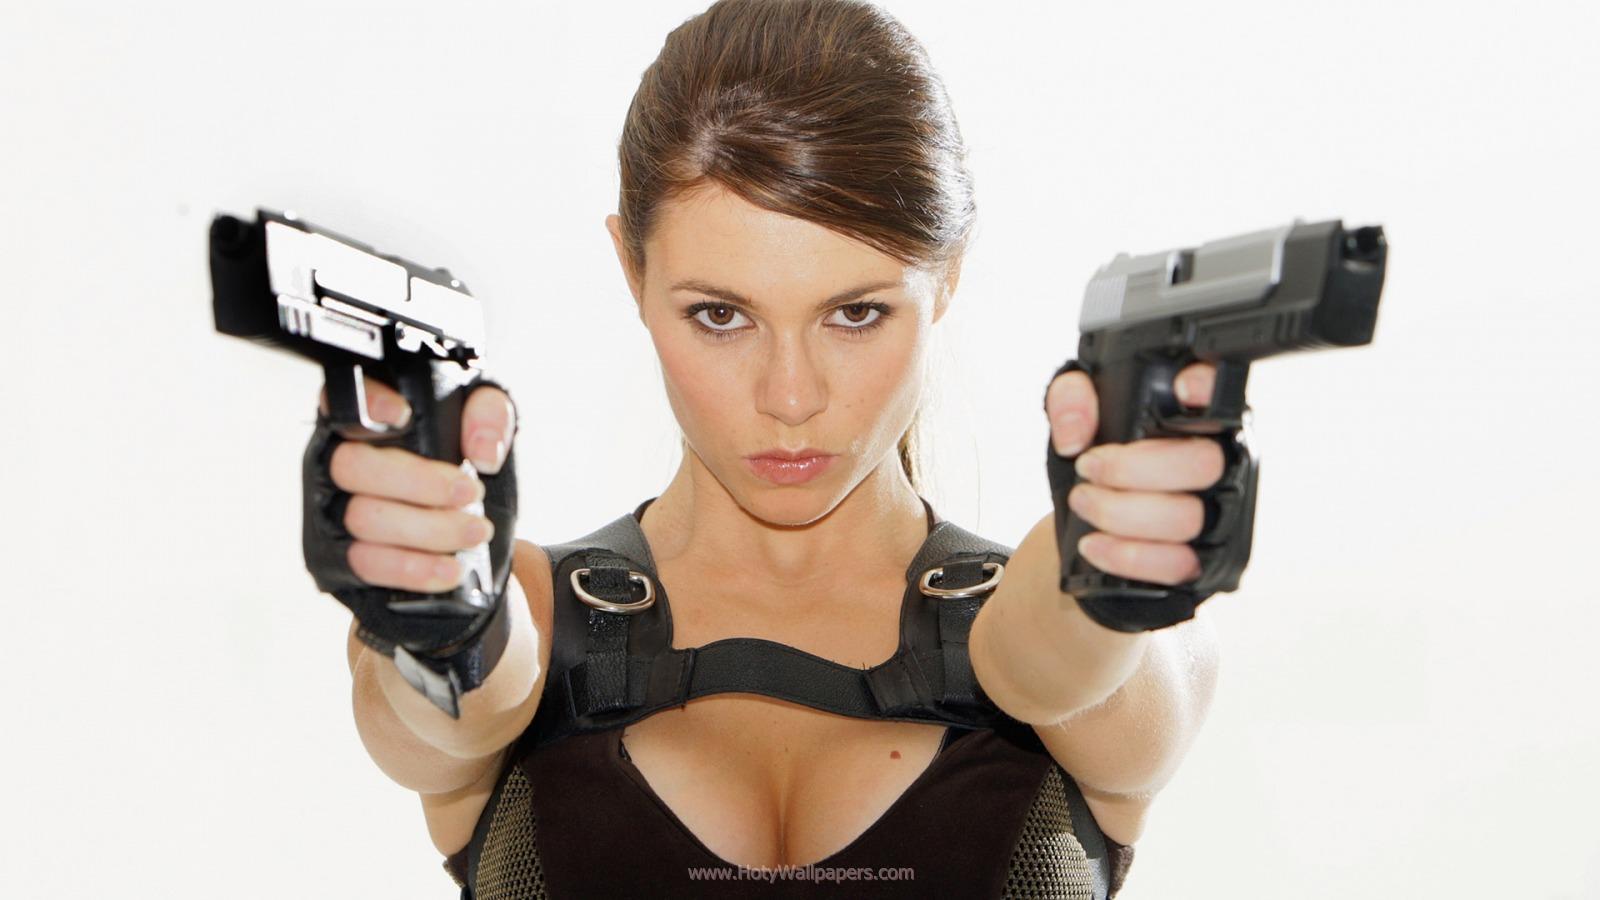 http://1.bp.blogspot.com/-B8op6Sp29o0/TfZd2D4UG8I/AAAAAAAAGxw/rX79Nlec_AQ/s1600/hollywood_actress_widescreen_hd_hot_wallpaper_%2B07.jpg